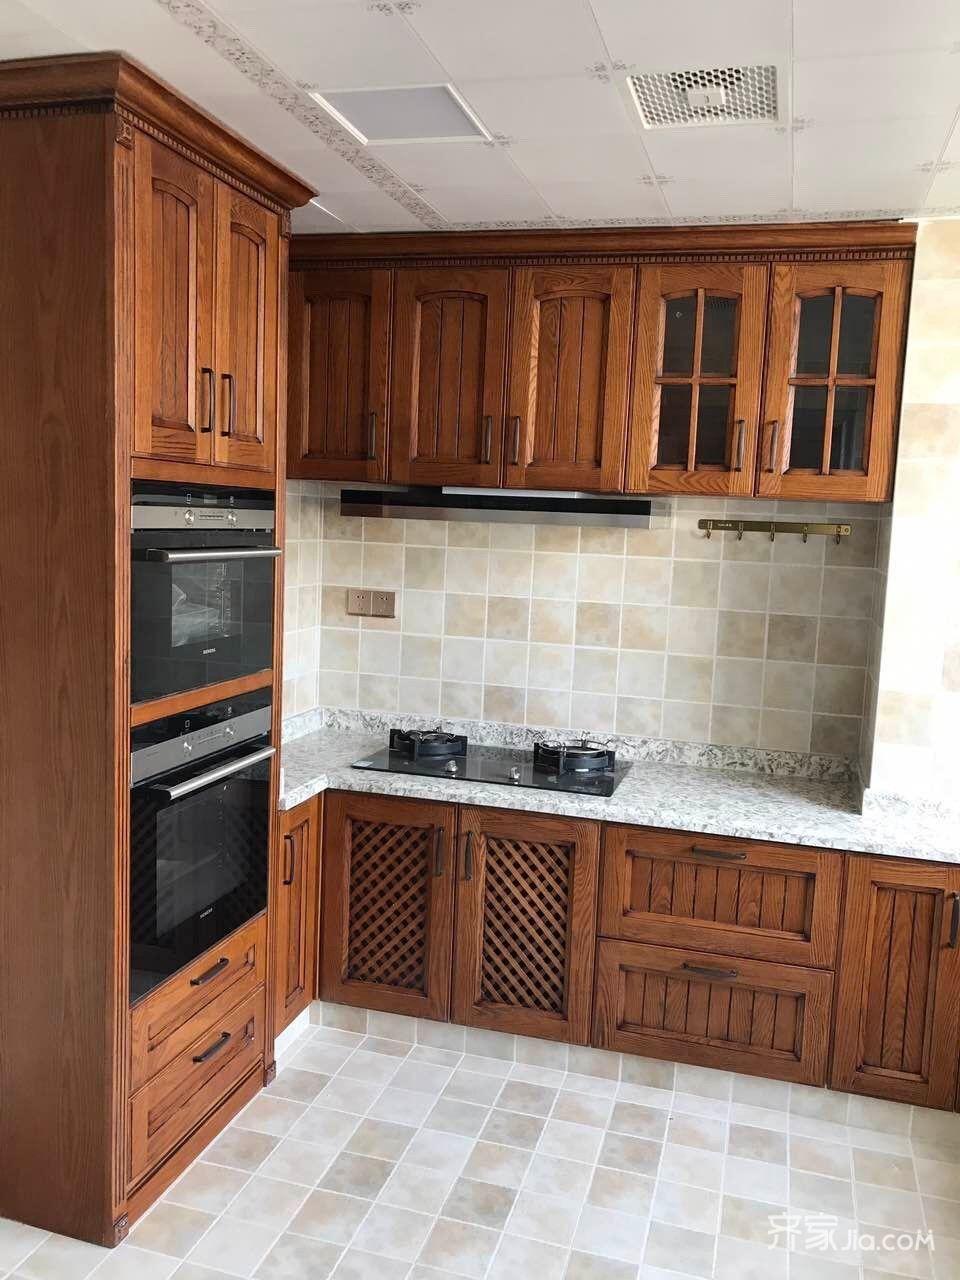 三居室美式乡村家厨房装潢图